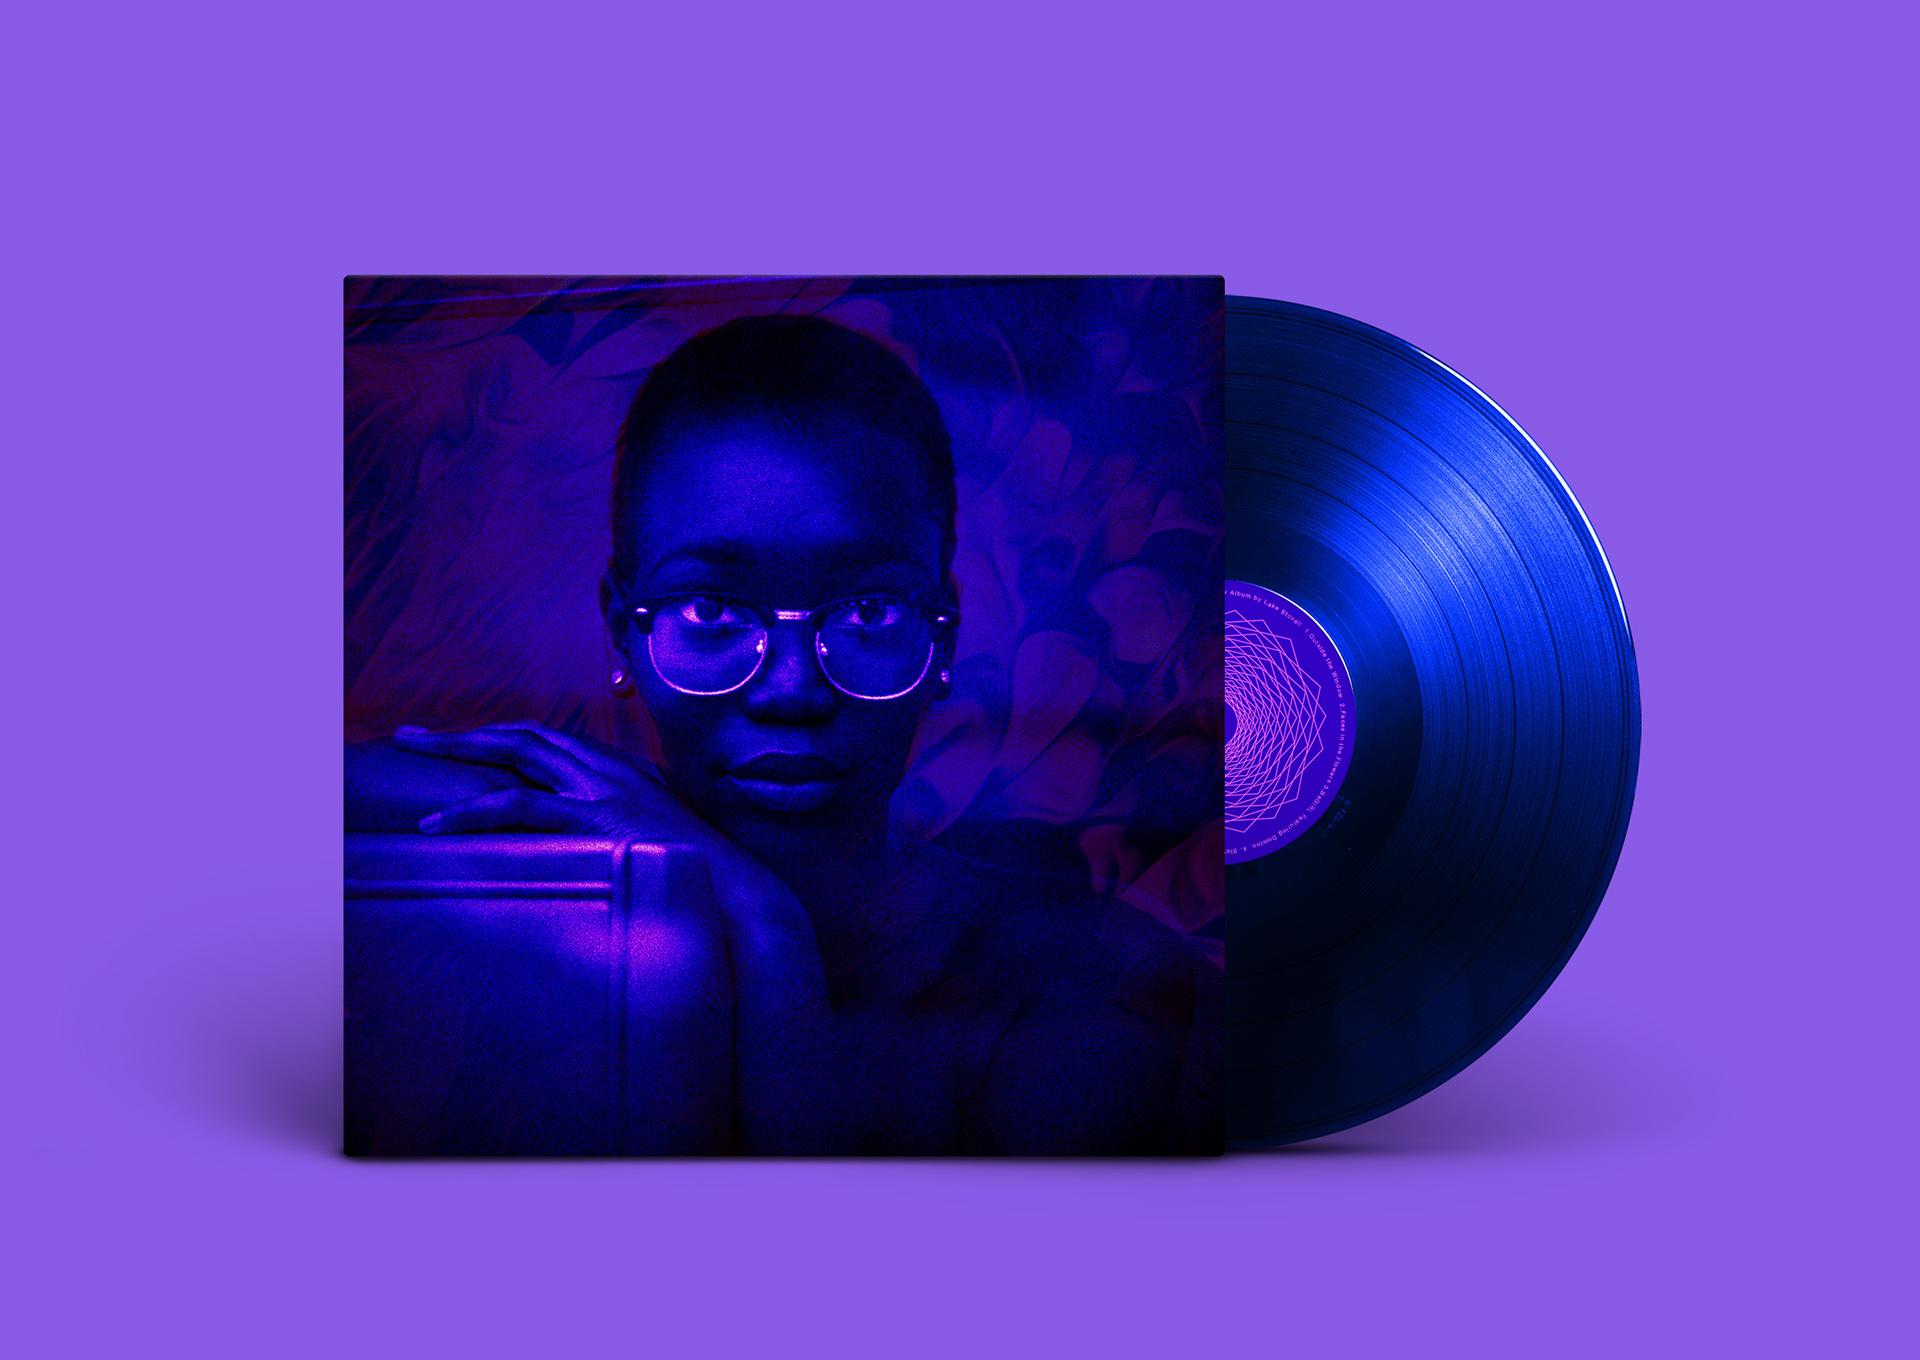 latest music album s